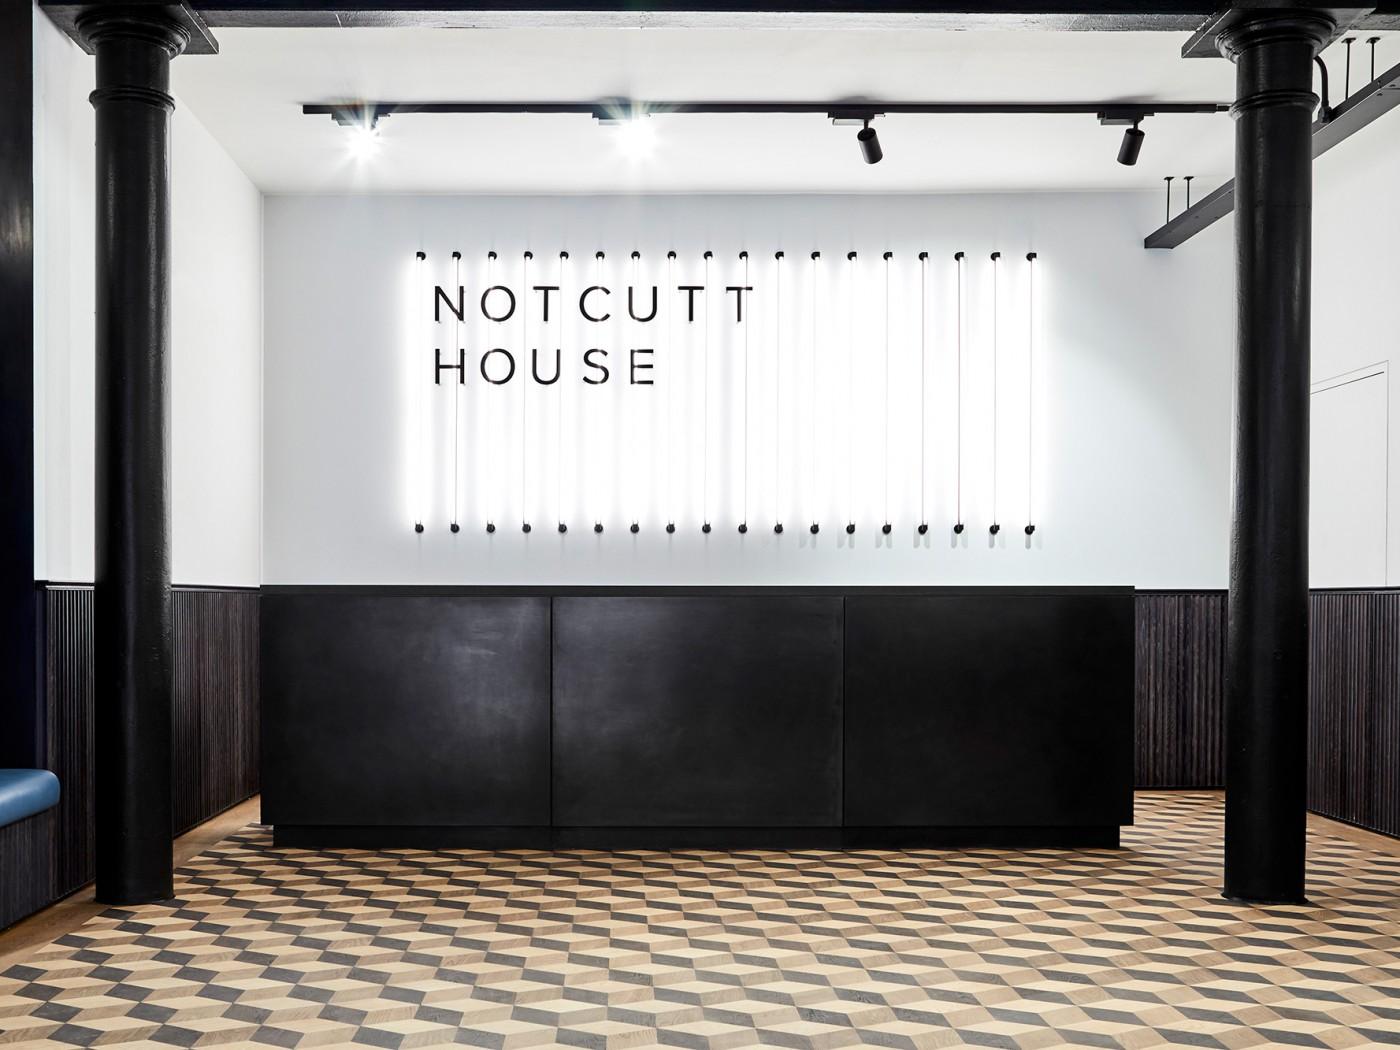 Notcutt House